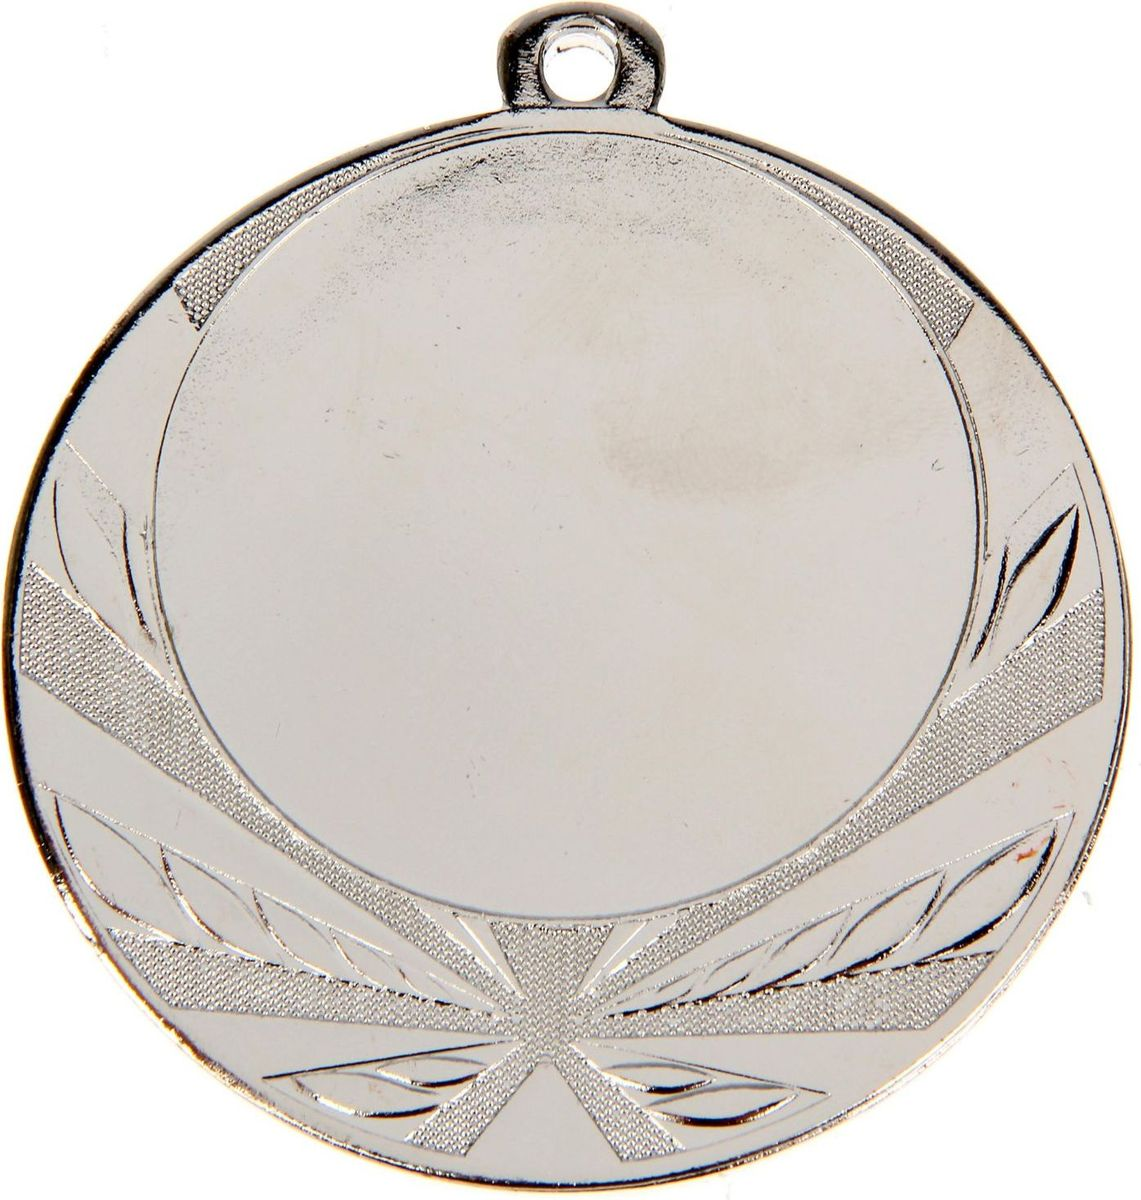 Медаль сувенирная с местом для гравировки, цвет: серебристый, диаметр 7 см. 12535561253556Медаль вручается лишь тем, кто проявил настойчивость и волю к победе, ведь такое событие должно оставаться в памяти на долгие годы. Любое спортивное состязание, профессиональное или среди любителей, любое корпоративное мероприятие — отличный повод для того, чтобы отметить лучших из лучших. Характеристики:Диаметр медали: 7 см Диаметр вкладыша (лицо): 5 см Диаметр вкладыша (оборот): 5 см.